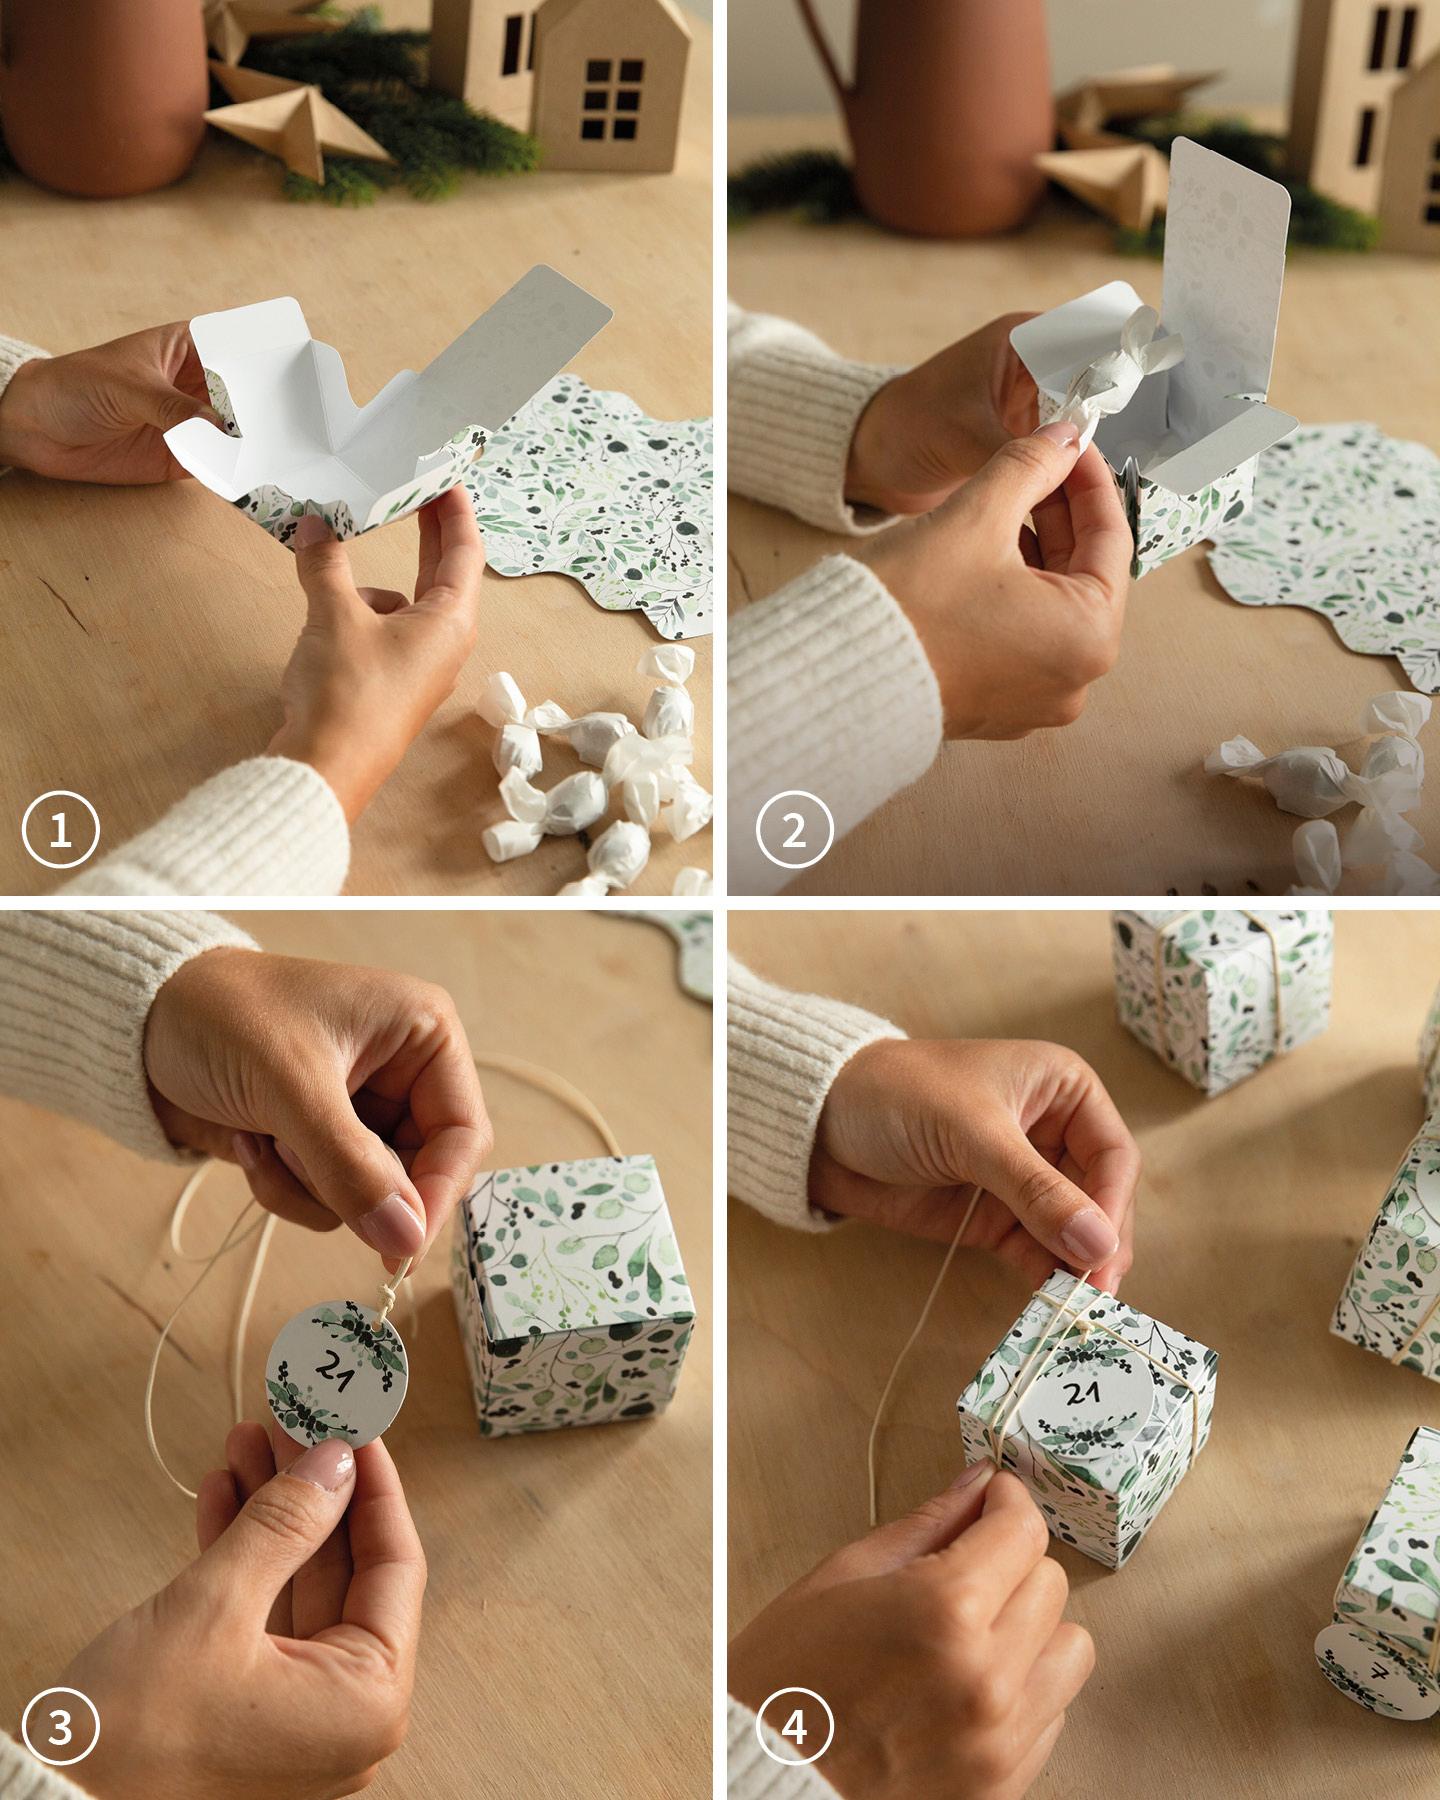 Papierboxen mit grünen Illustrationen werden zusammengefaltet und mit Süßigkeiten befüllt.